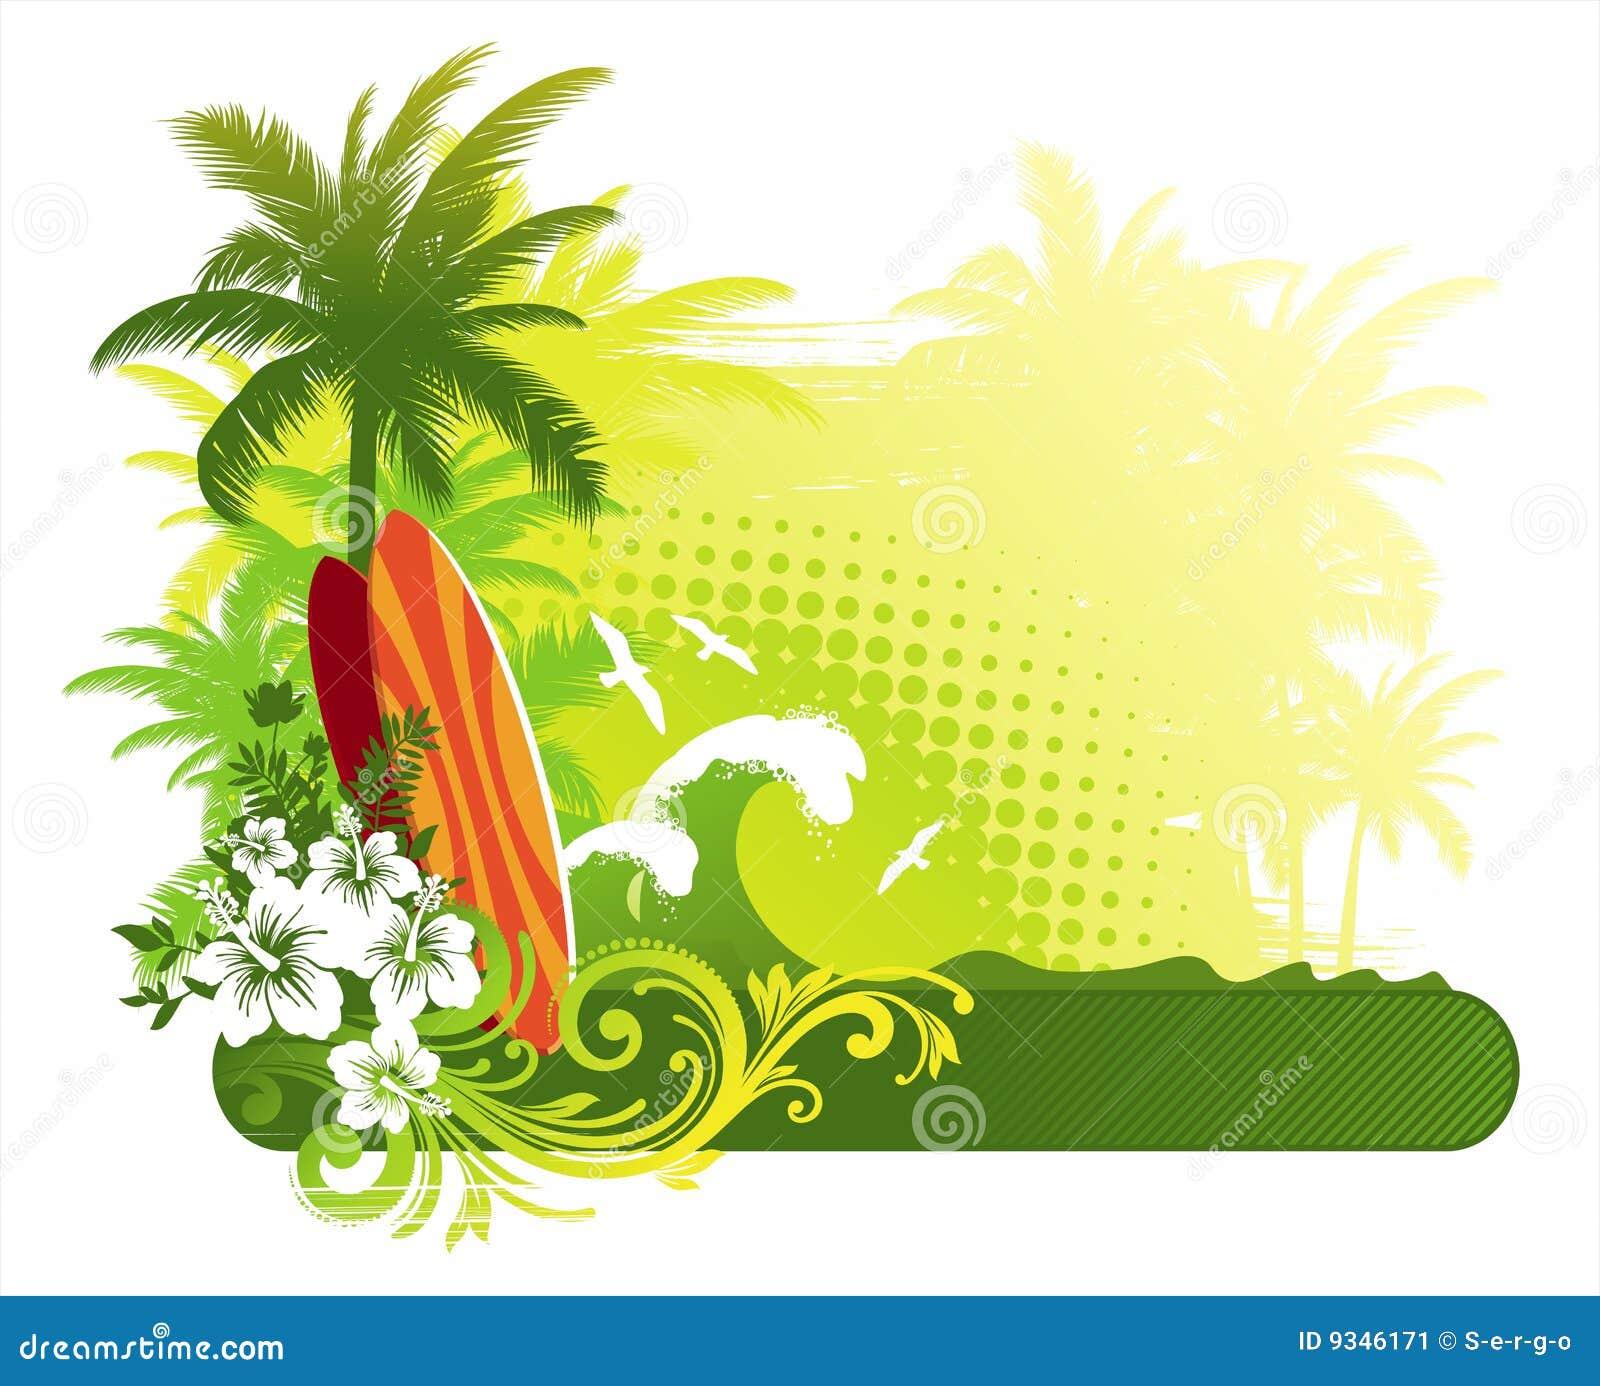 Tablas hawaianas imagen de archivo imagen 9346171 - Dibujos para tablas de surf ...